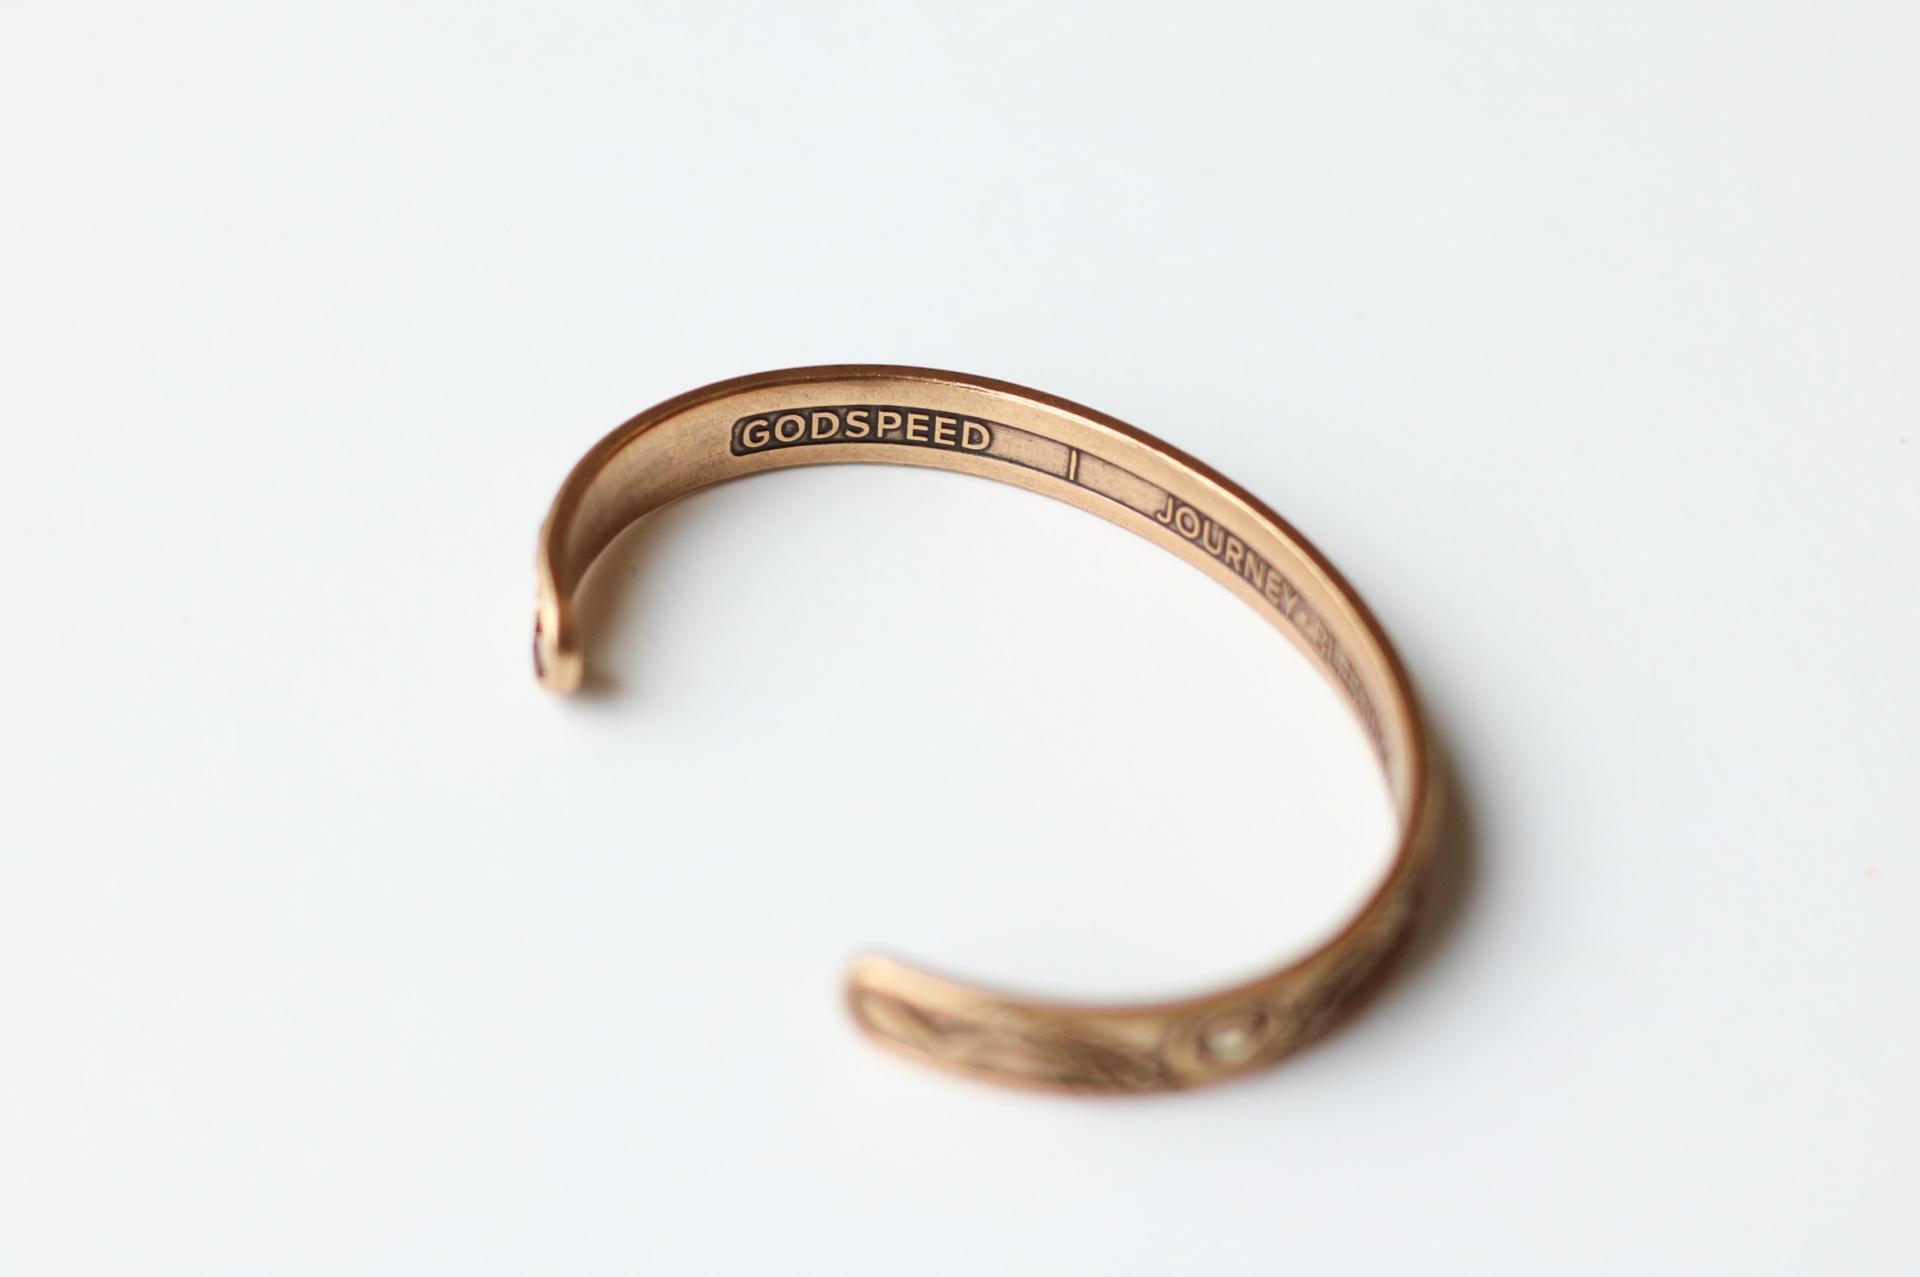 ALEX AND ANI Godspeed Bracelets